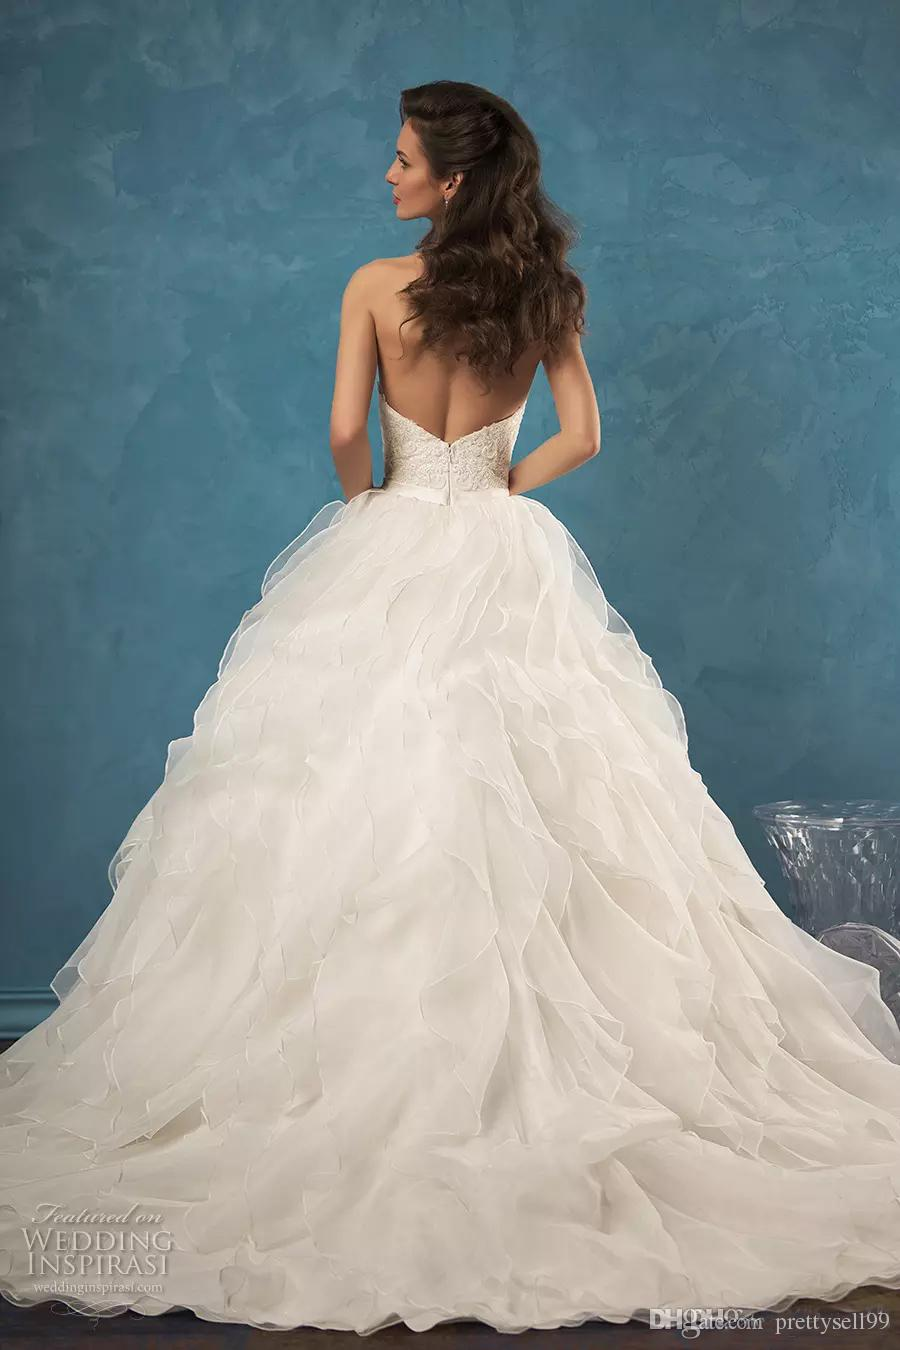 أميليا SPOSA الكرة الرباط بثوب الزفاف فساتين 2020 محكمة الحبيب قطار تول الزفاف أثواب الزفاف